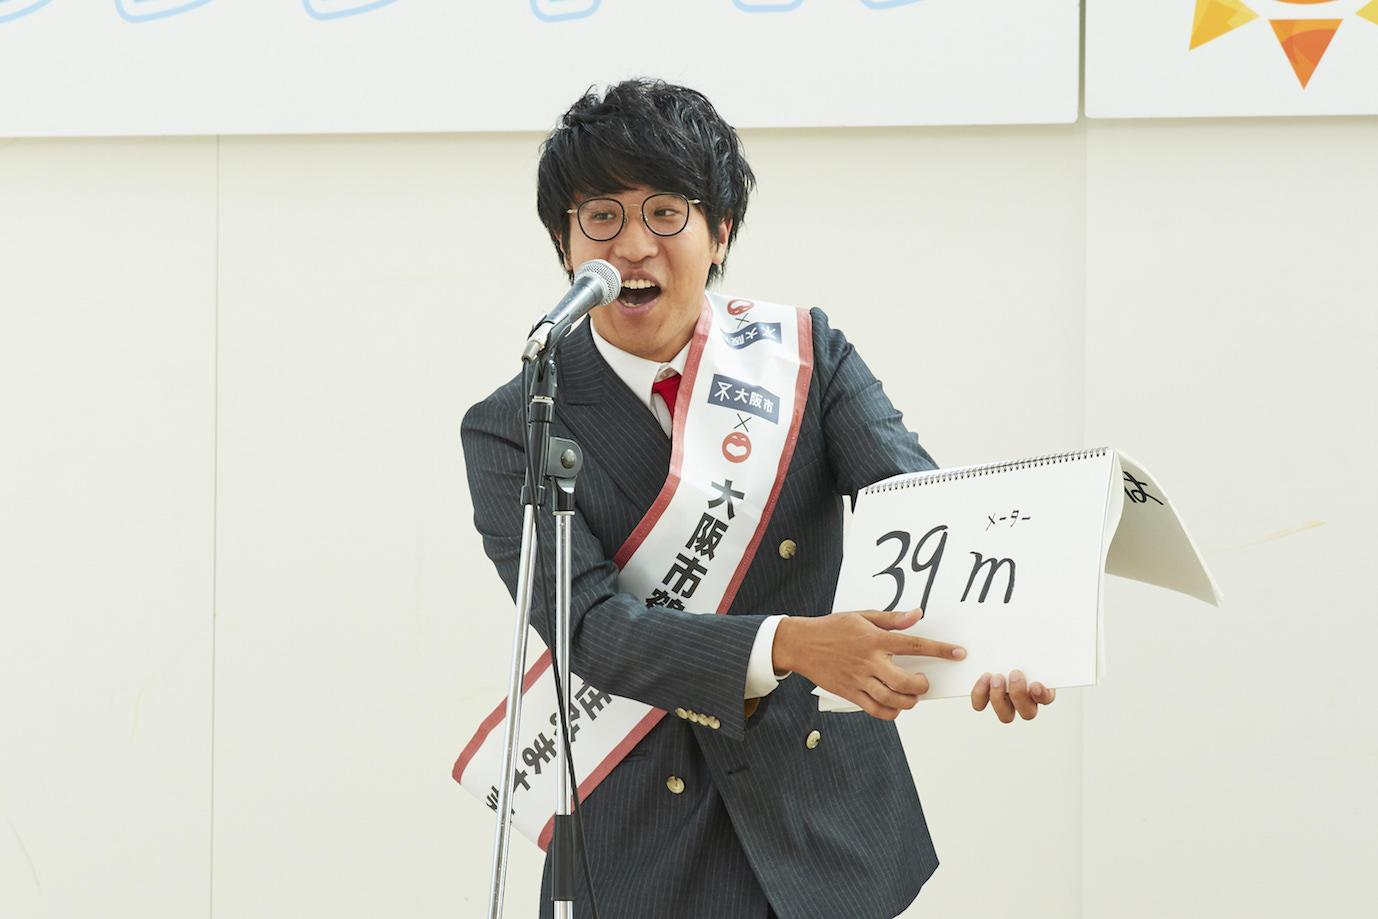 http://news.yoshimoto.co.jp/20180806162101-5885d2a8aae879cec6a70d7dc3e720a5a1a87da3.jpg